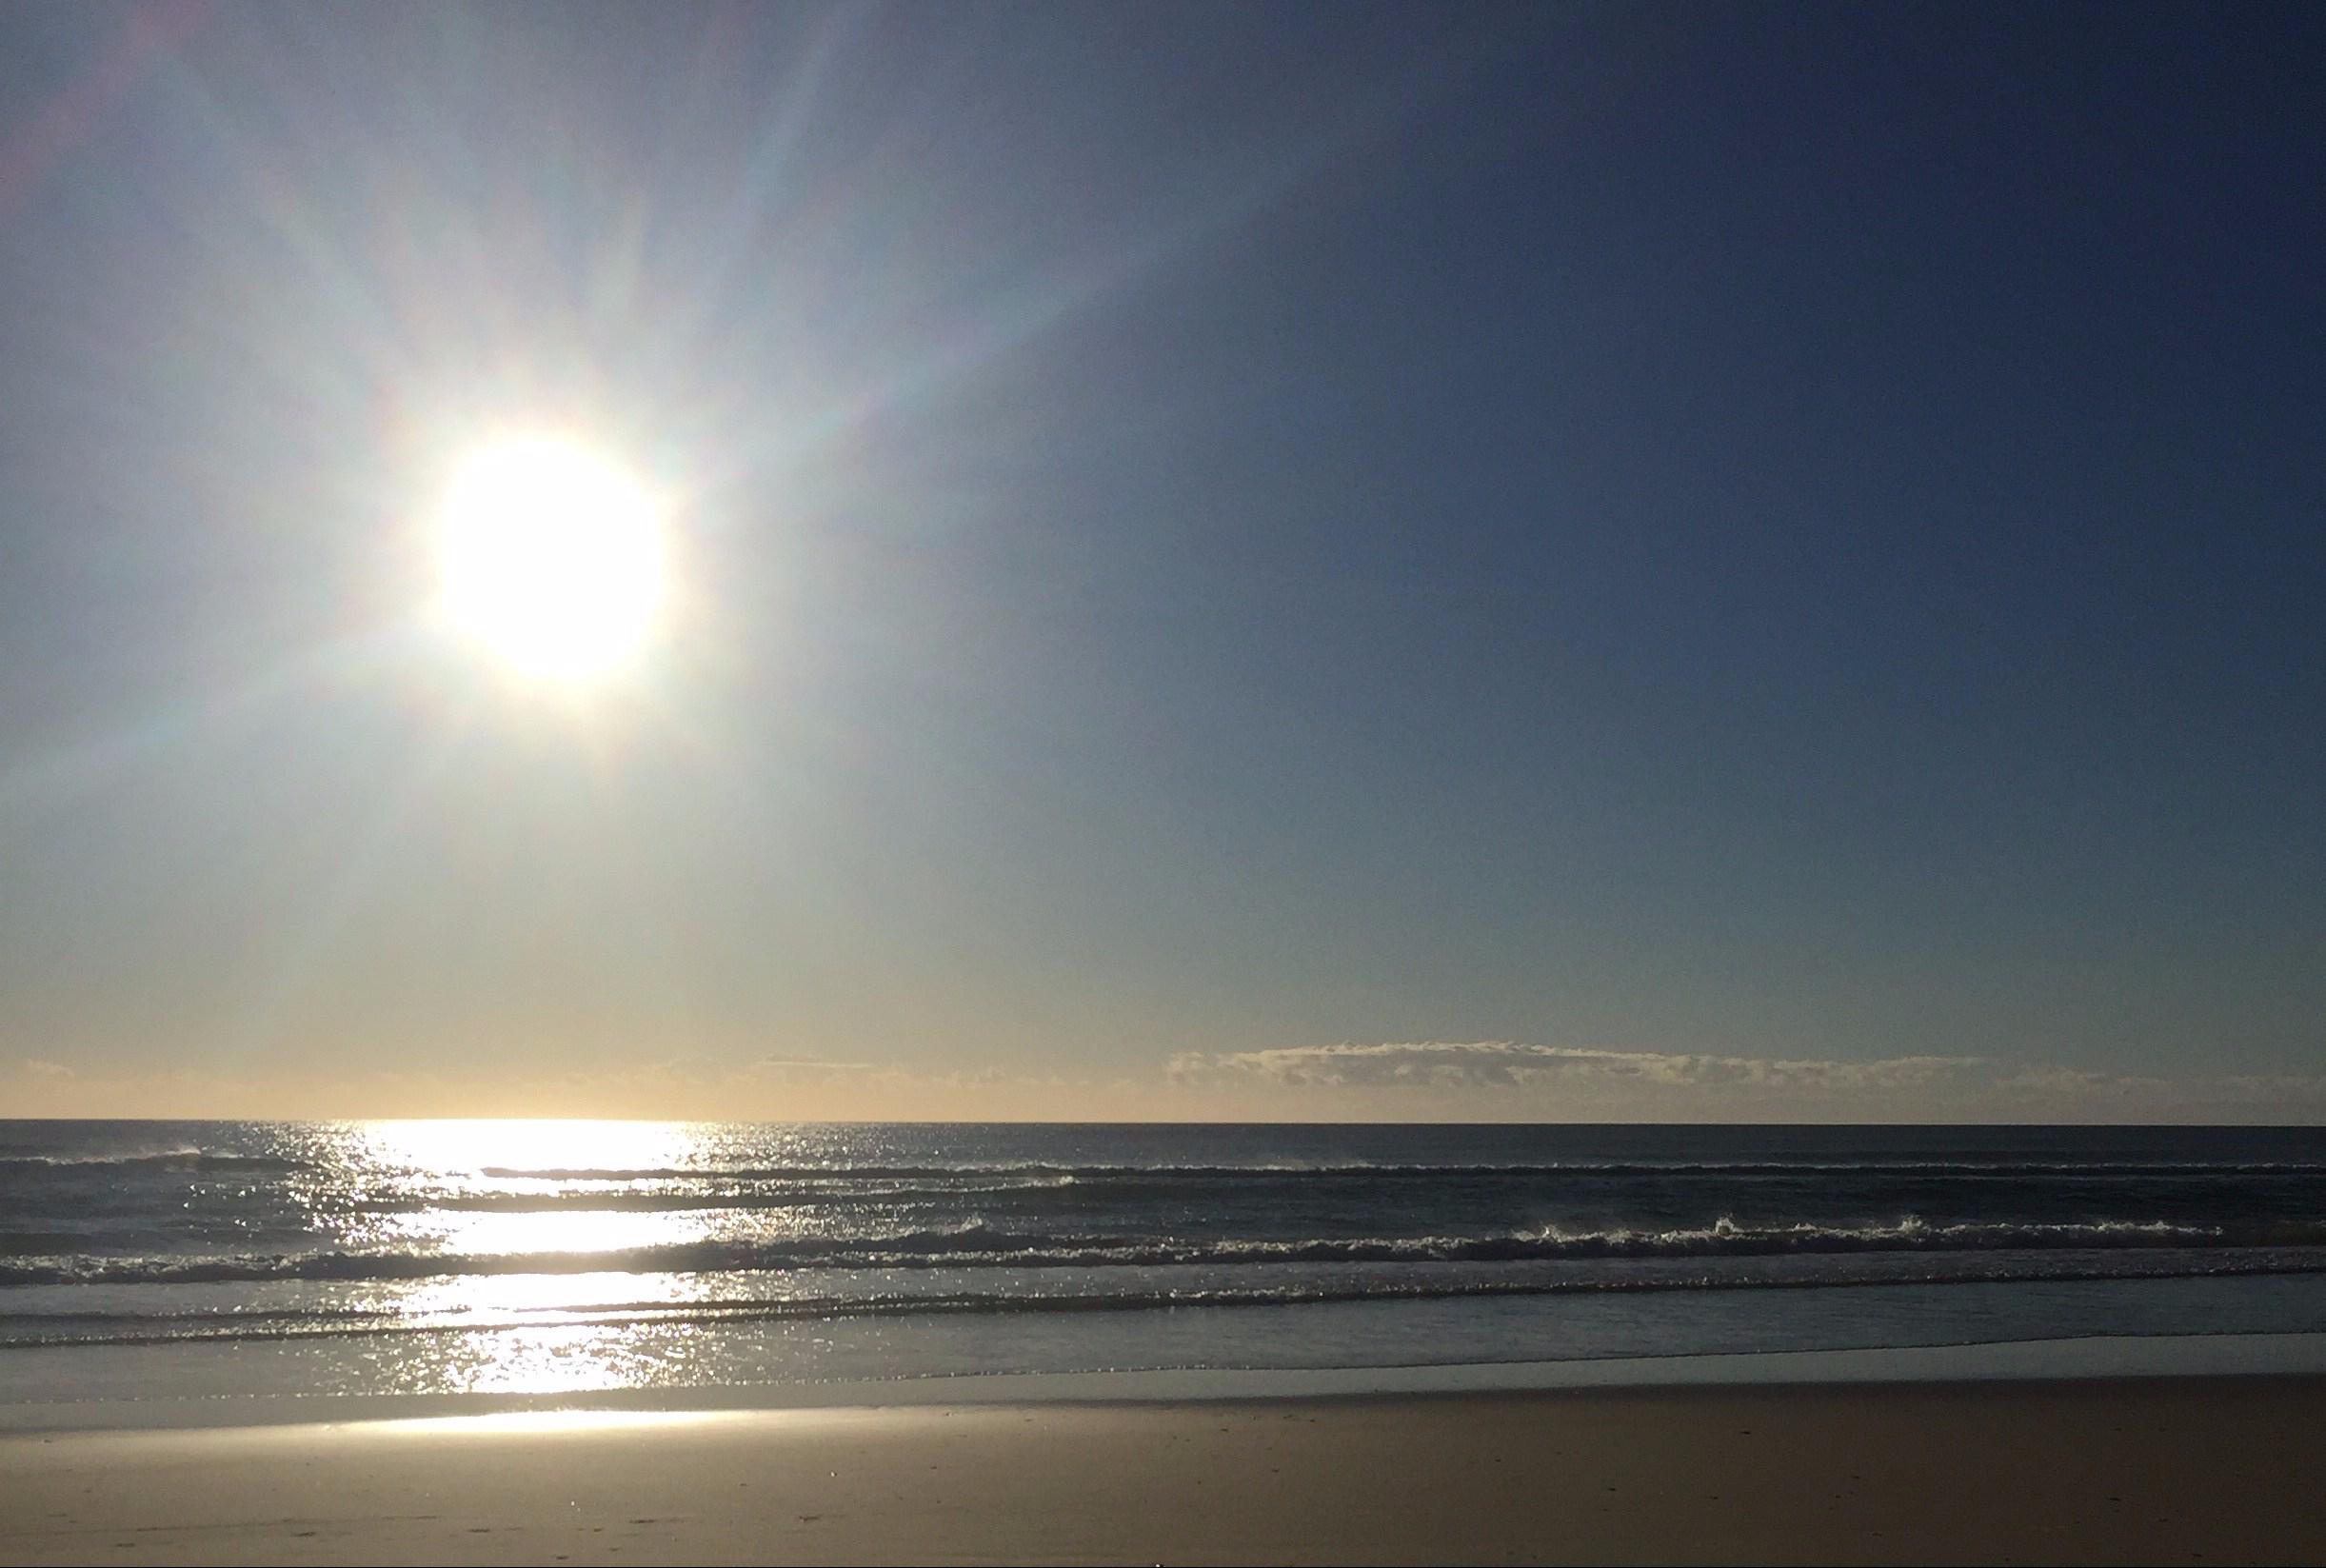 Sunrise Australian casuarina beach